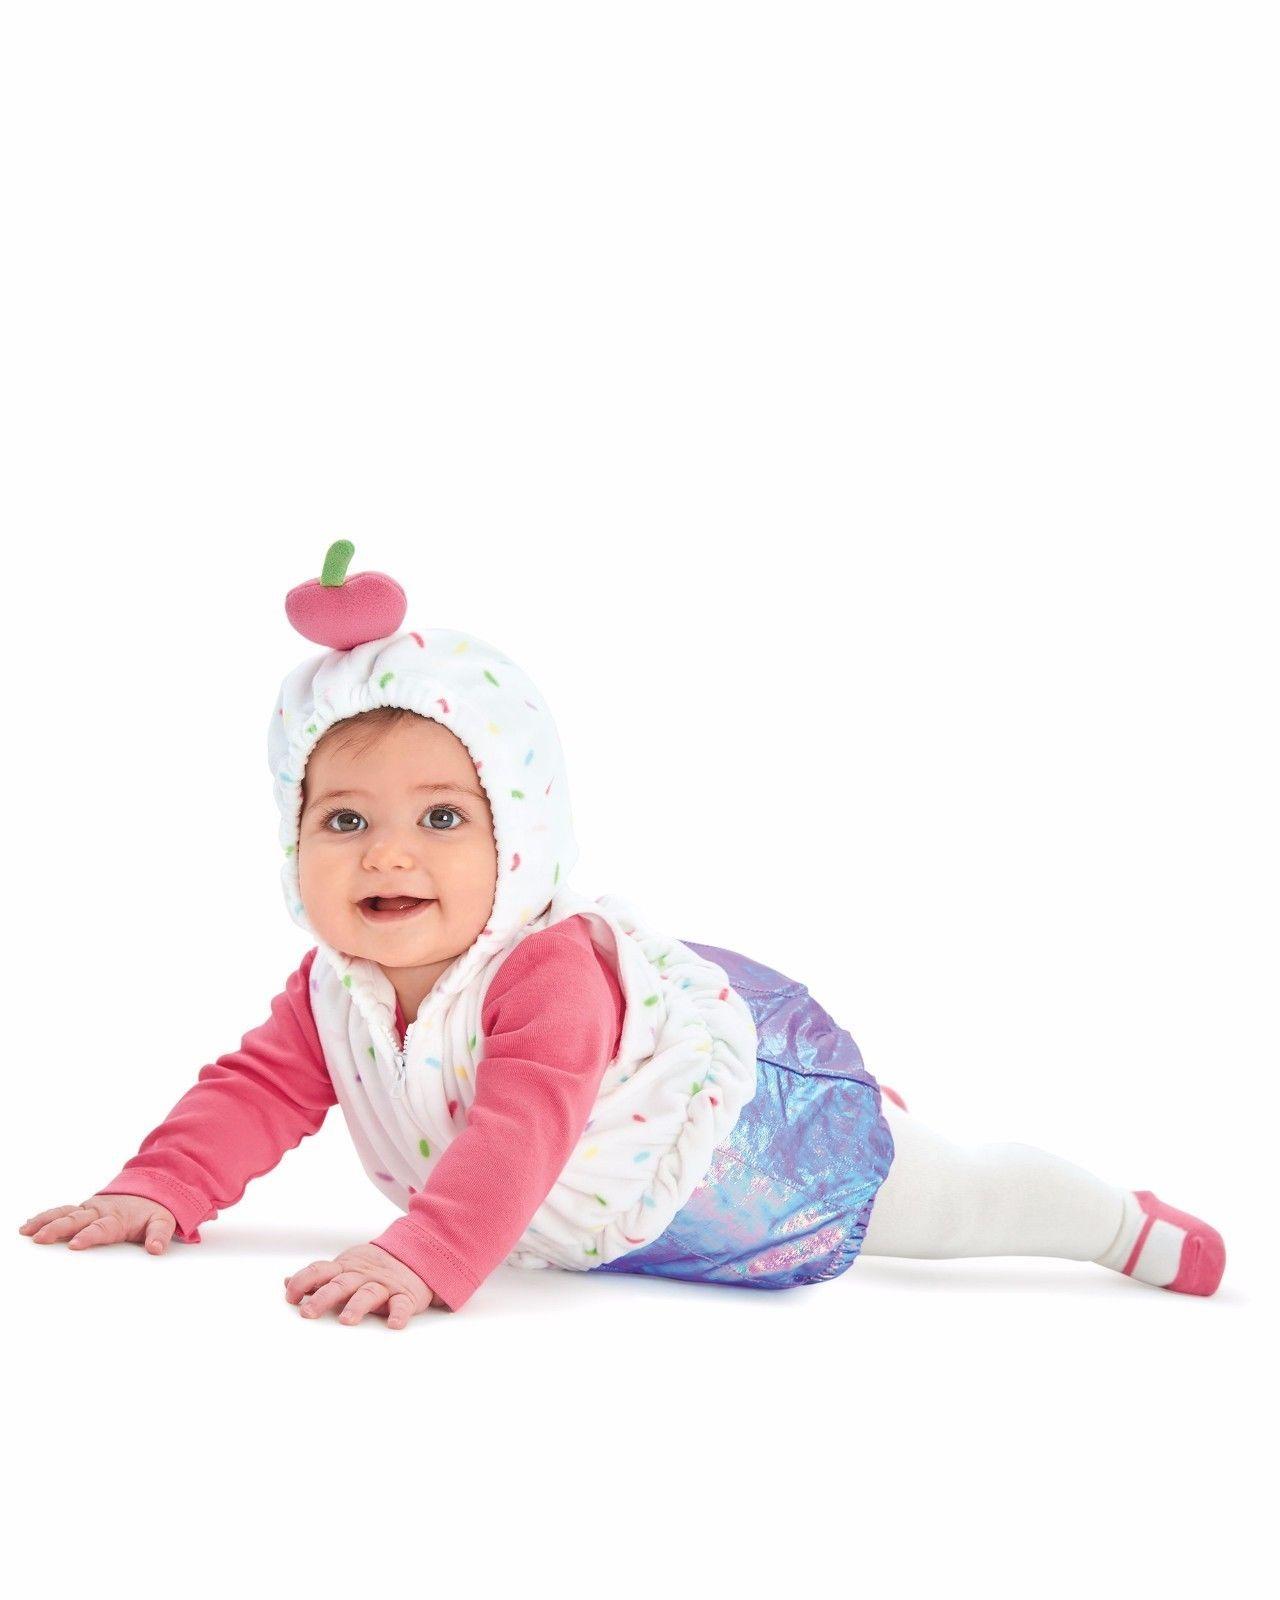 NEW NWT Girls Carter's Halloween 3 Piece Set Cupcake 24 Months Costume